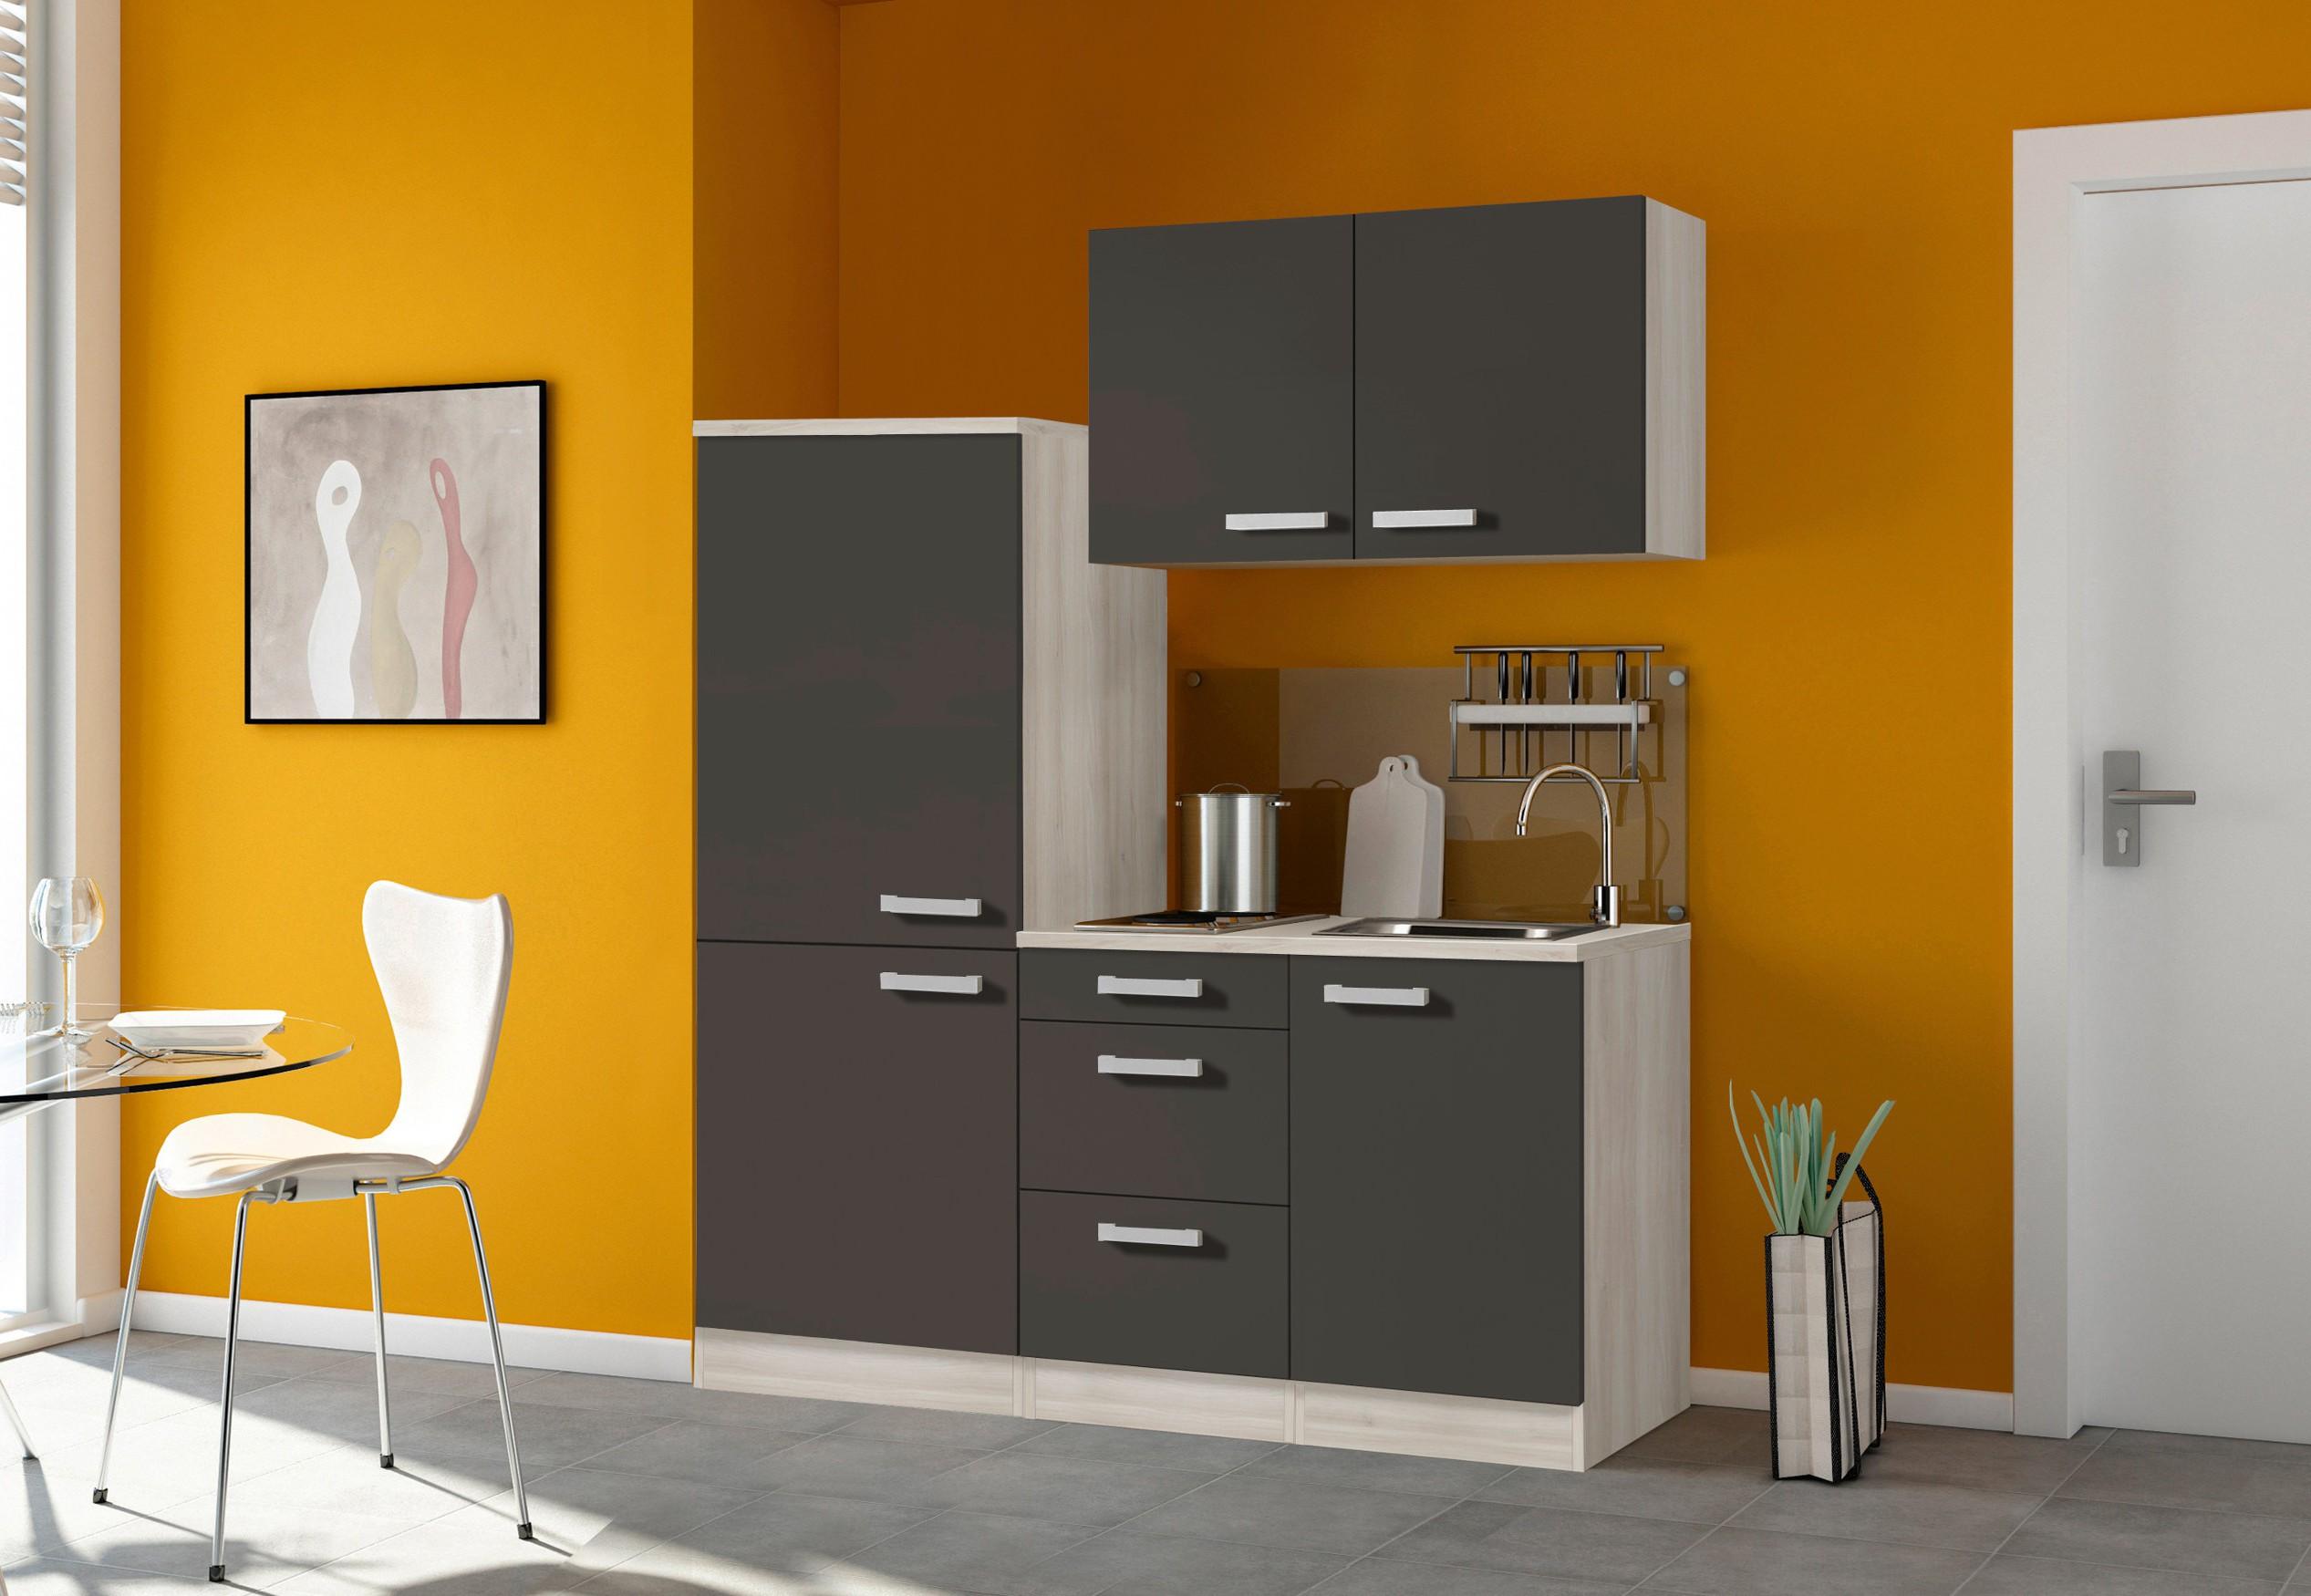 Miniküche Mit Kühlschrank | ecocasa.info